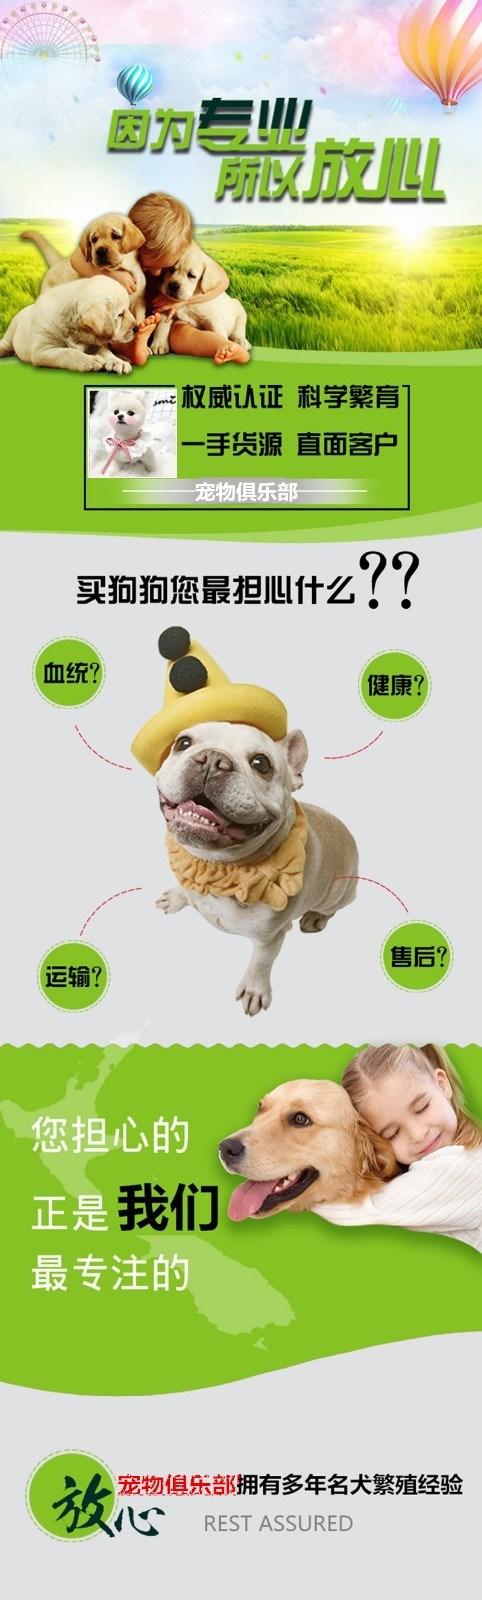 重庆出售可爱健康的博美犬喜欢的来 公母全部都有6